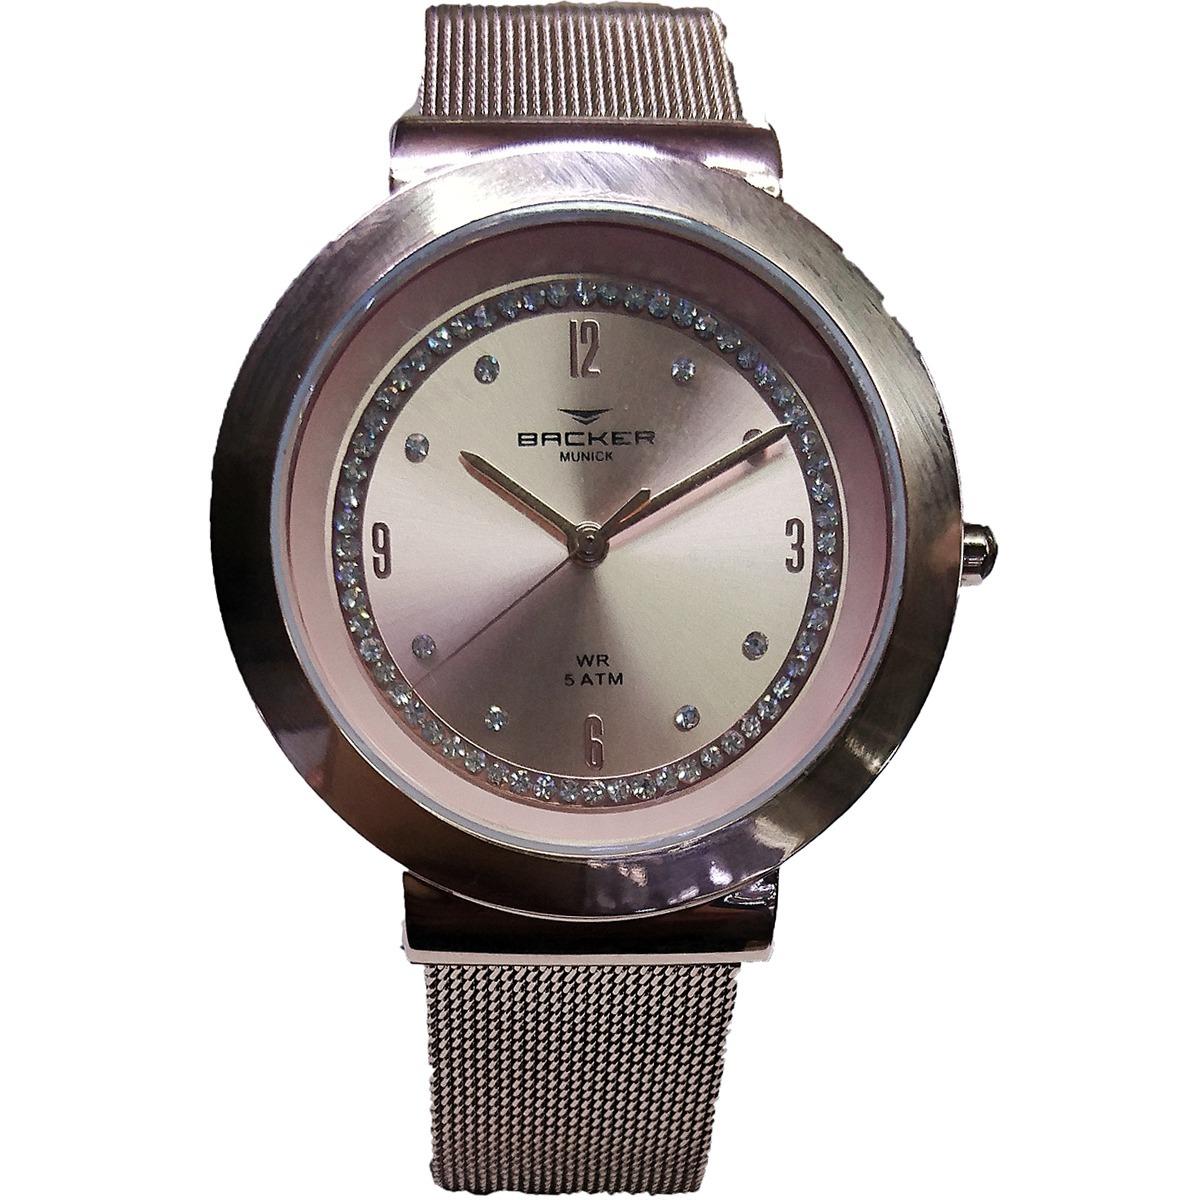 e04c053cd1c relógio backer - rosé - 3979113f-rs. Carregando zoom.